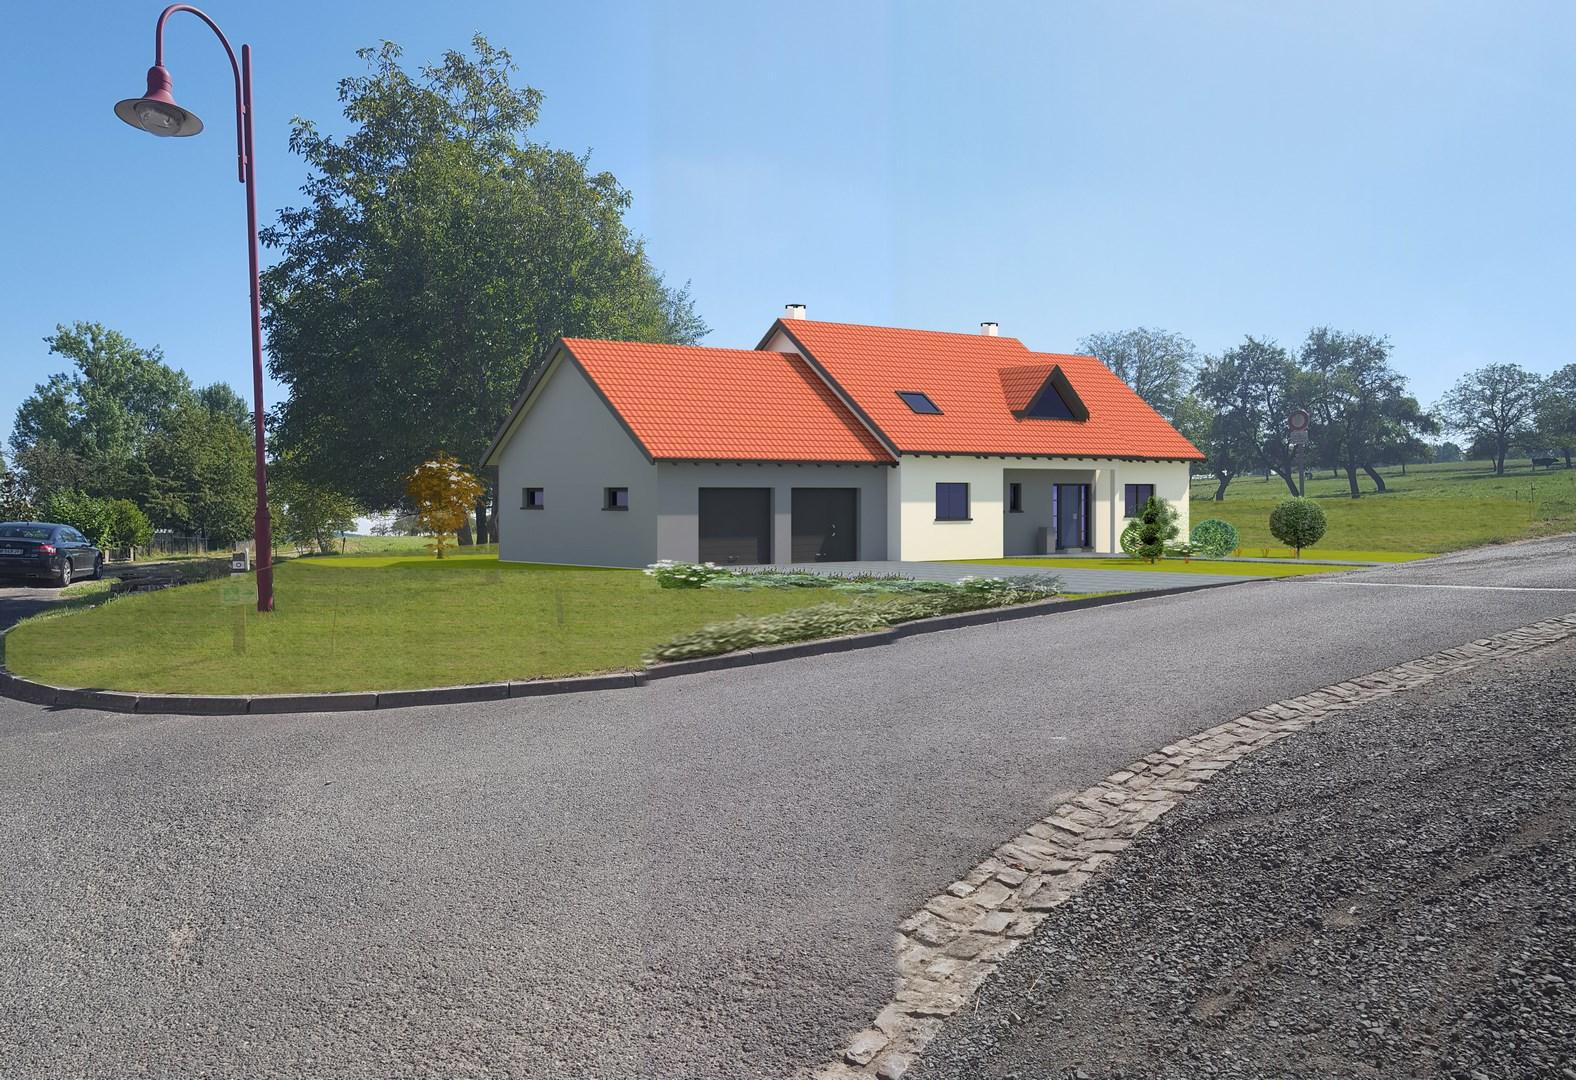 Architecte D Interieur Moselle votre cabinet d'architecte à drulingen - adrian architecture